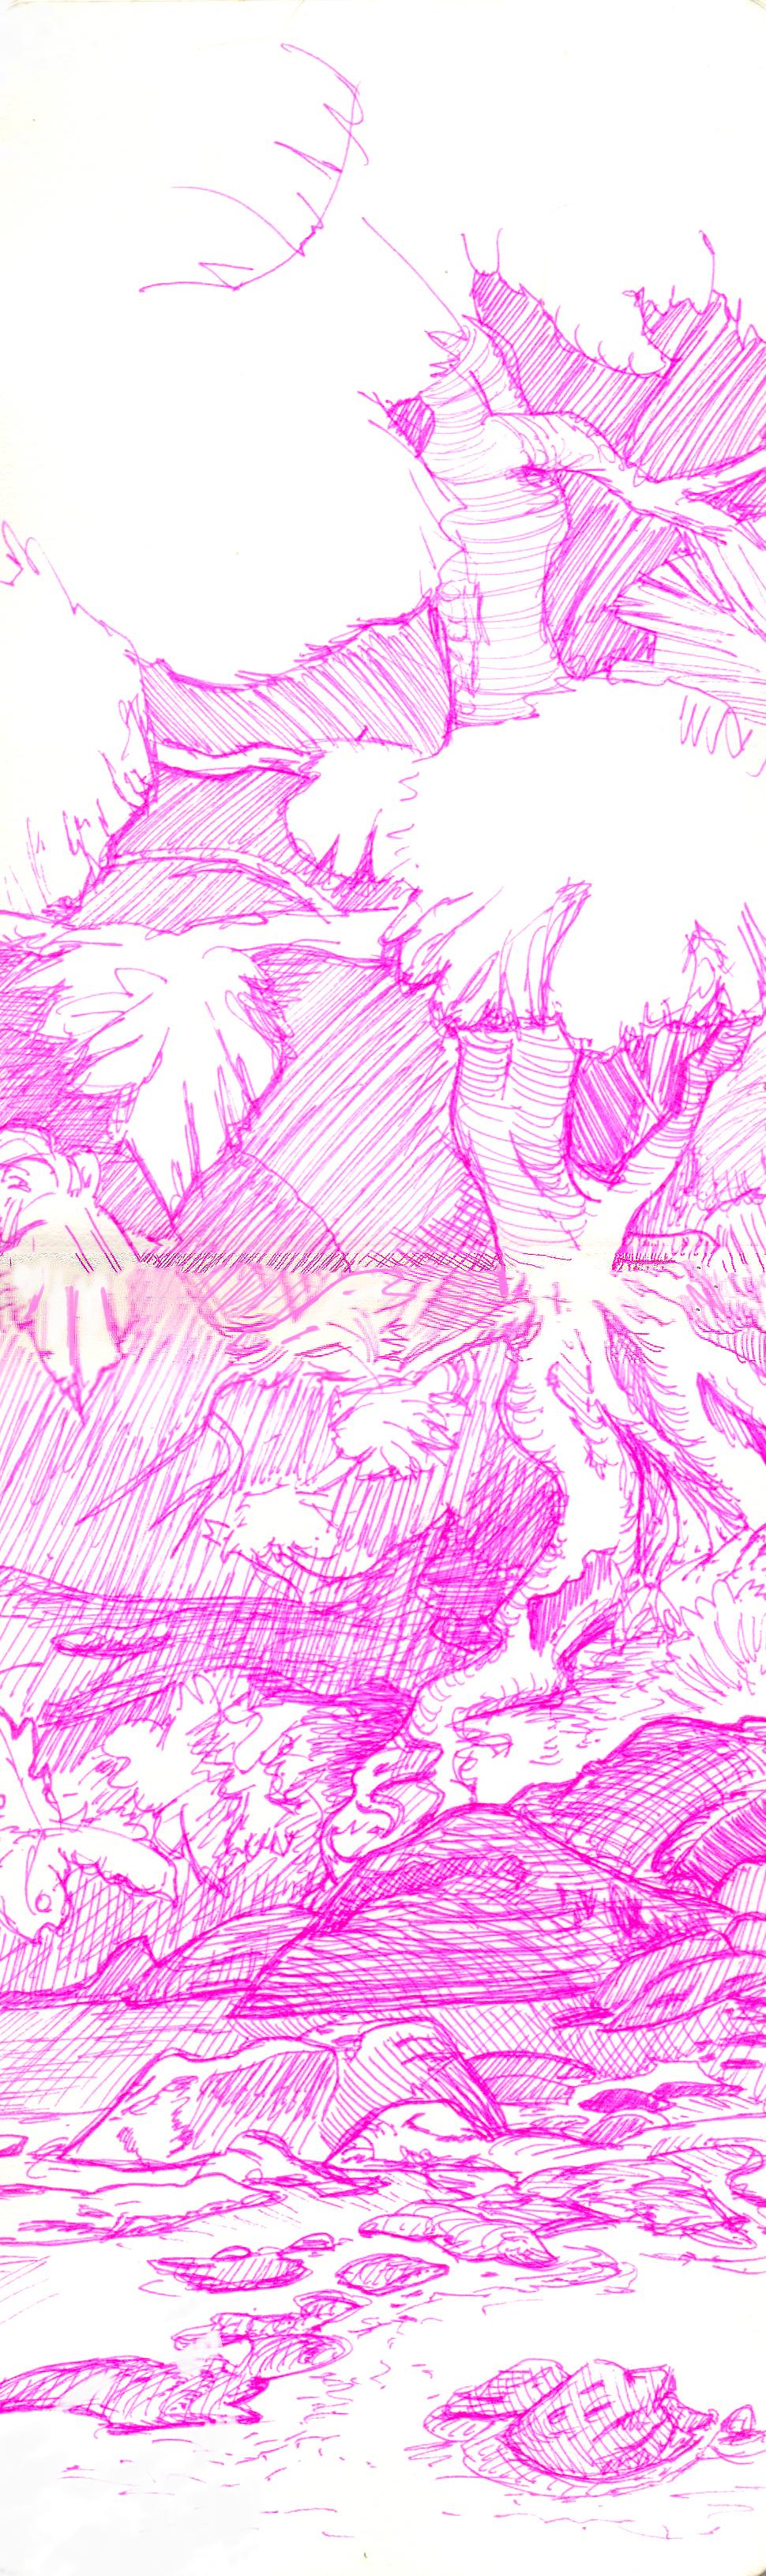 hunterculberson 7 copy.jpg